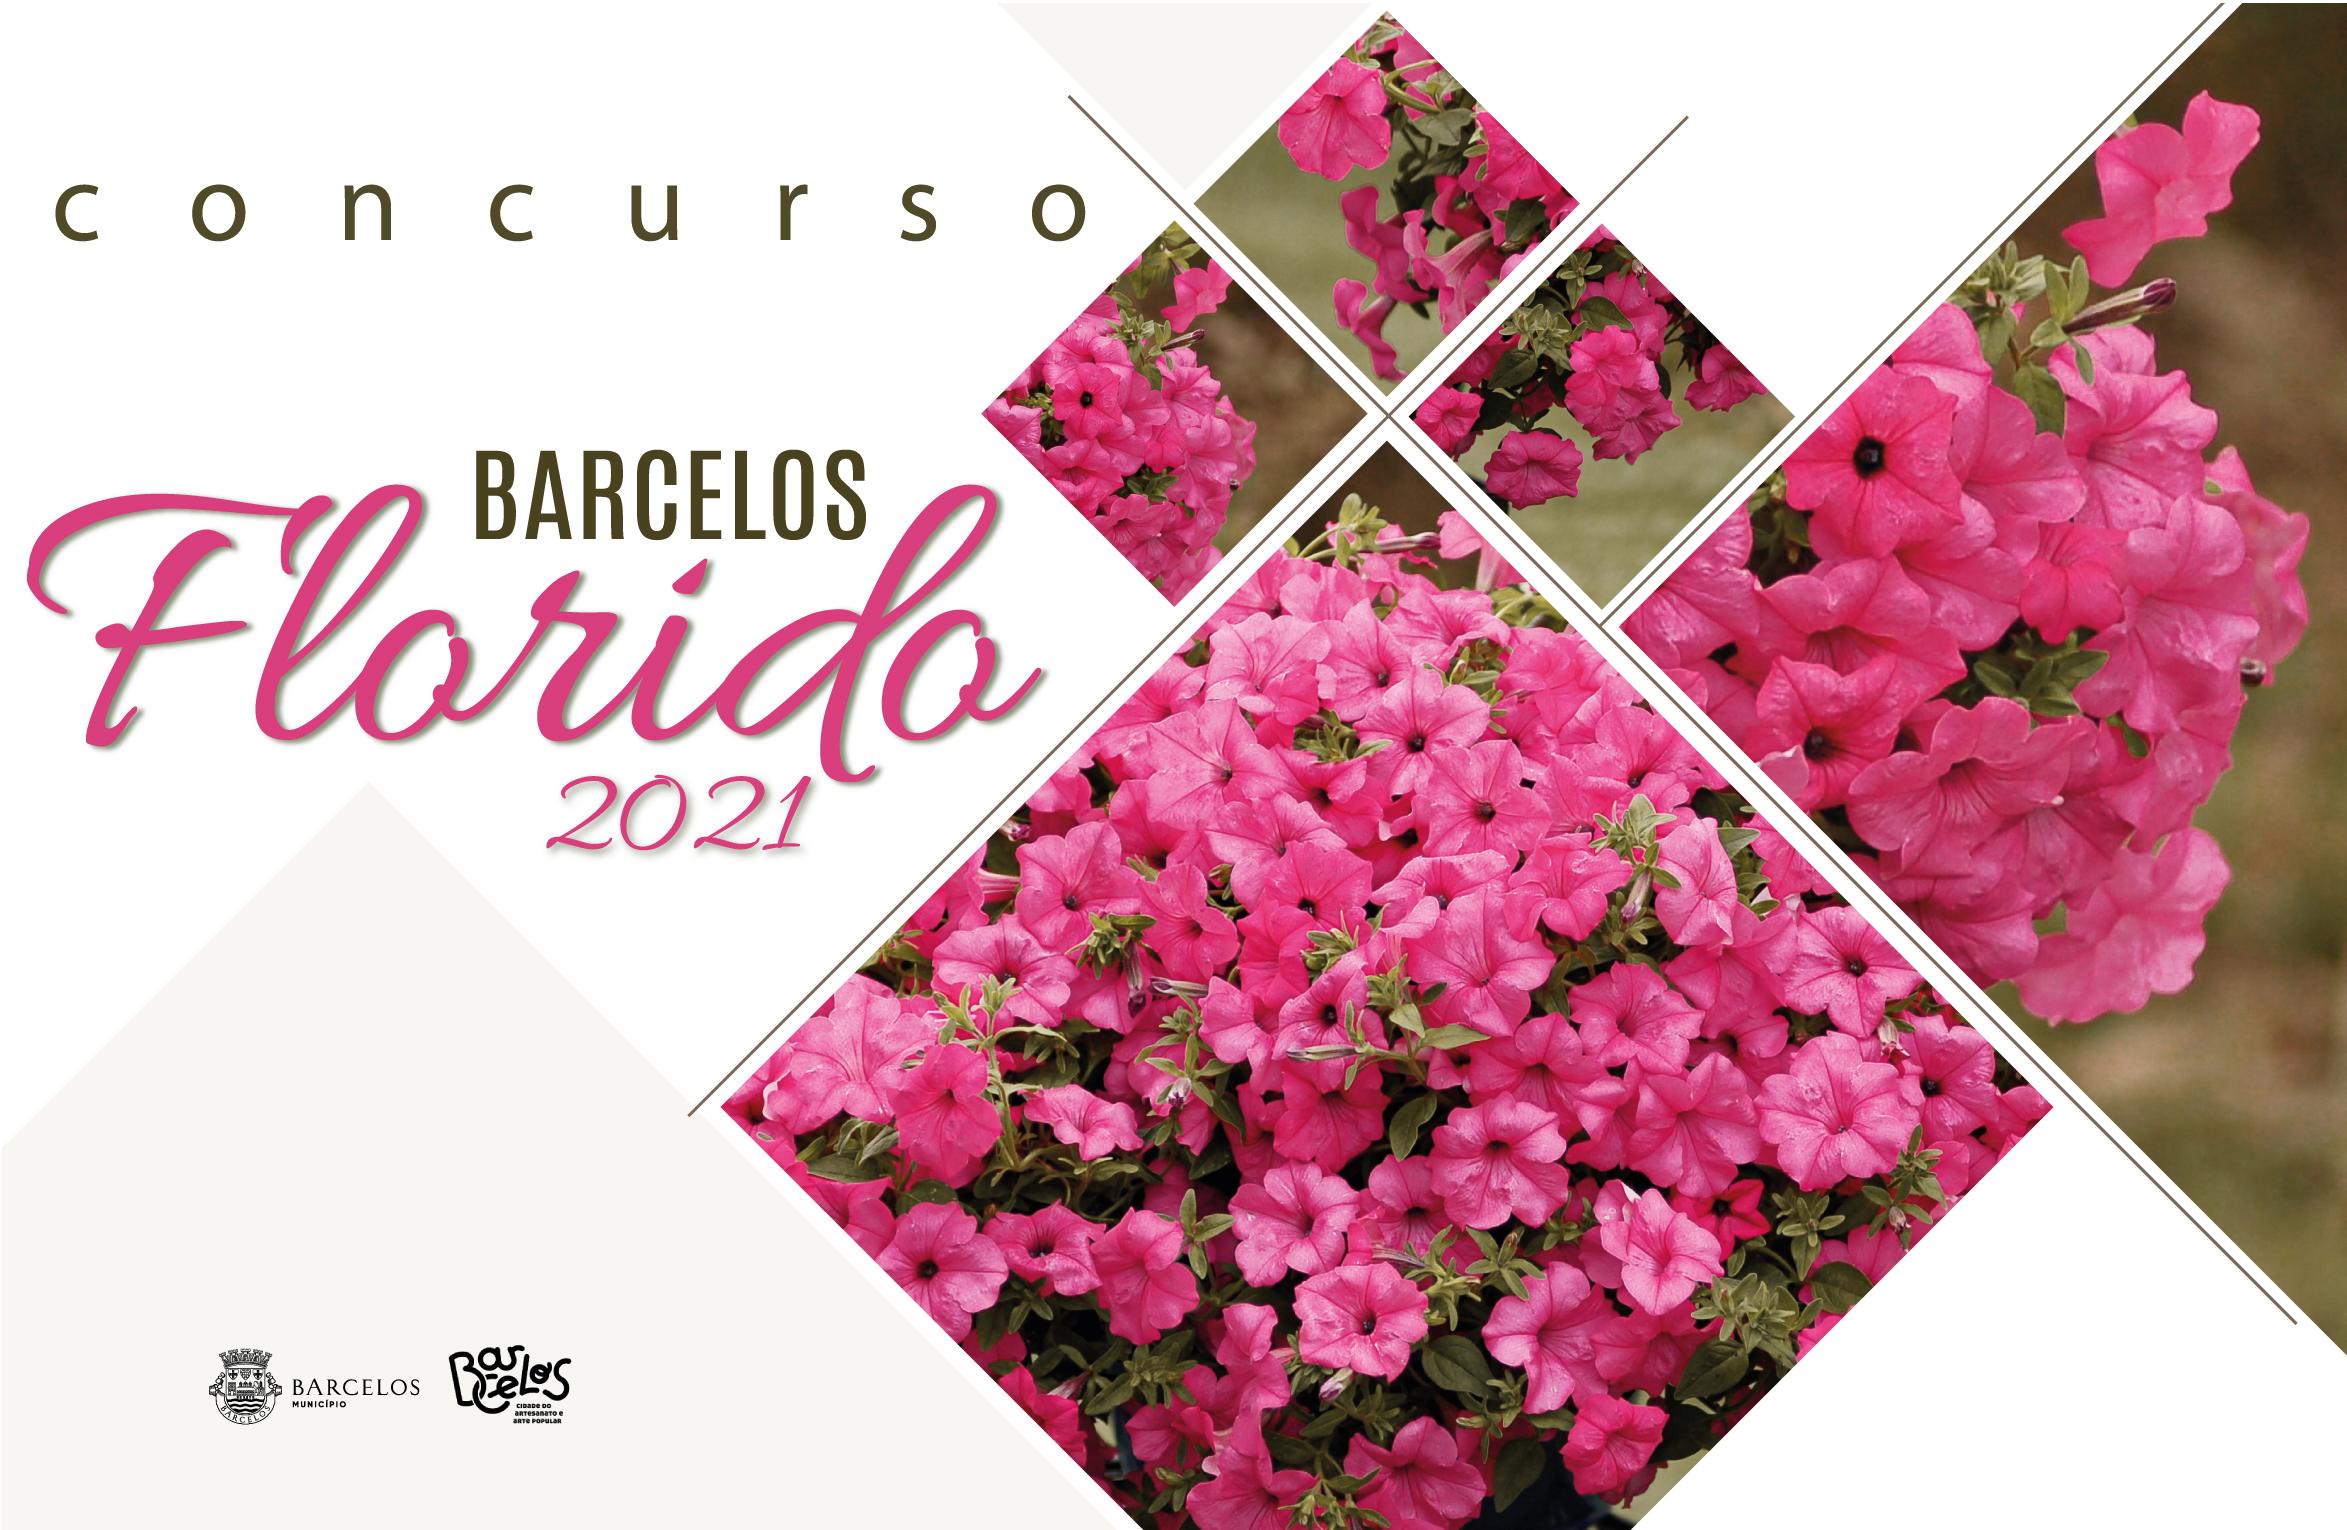 Concurso Barcelos Florido está de volta e promete colorir as ruas da cidade